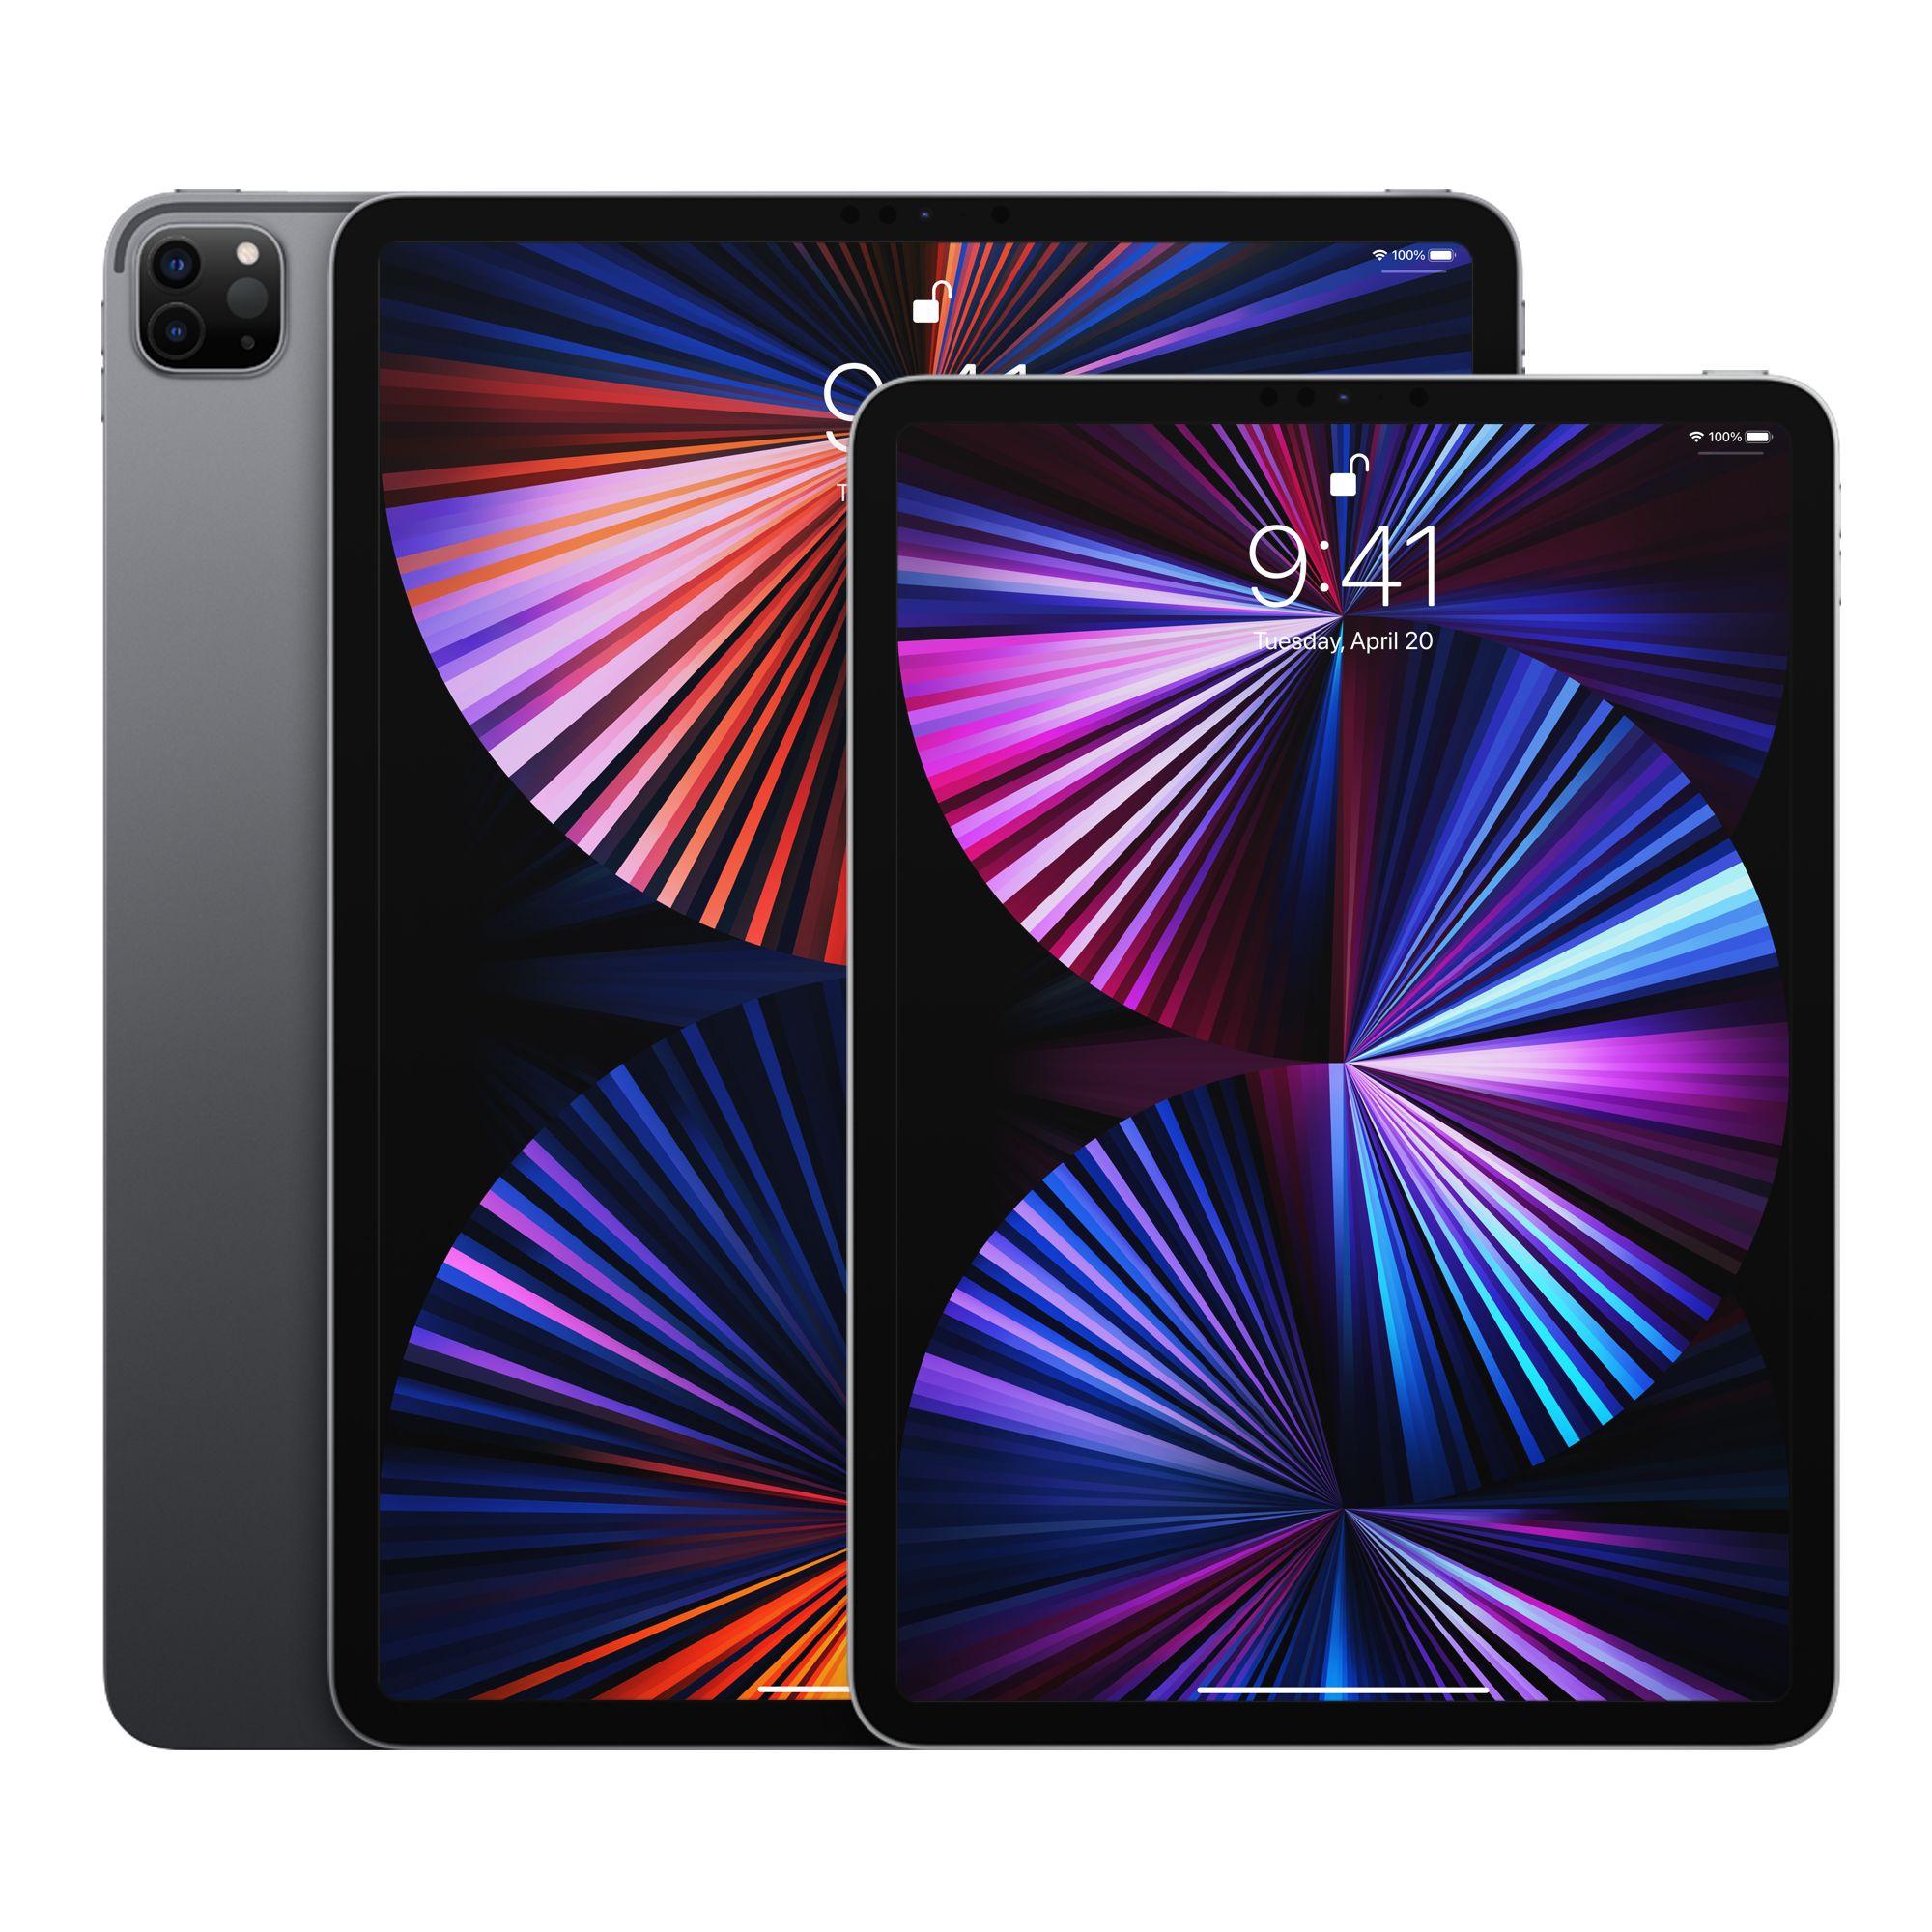 iPad Pro kaufen   Bildung   Apple AT